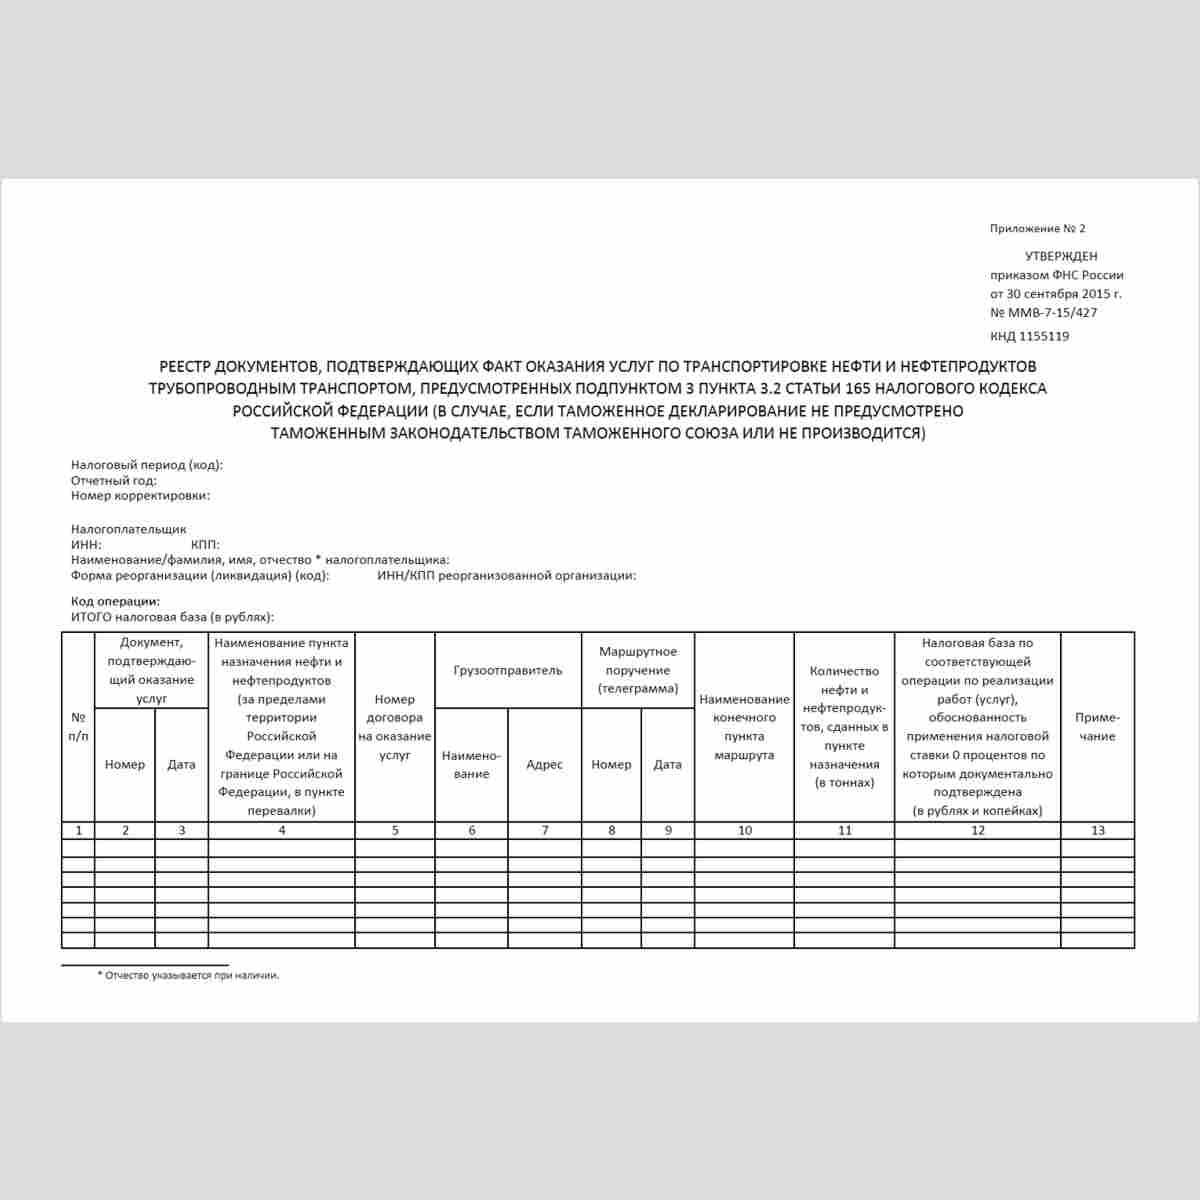 """Форма КНД 1155119 """"Реестр документов, подтверждающих факт оказания услуг по транспортировке нефти и нефтепродуктов трубопроводным транспортом, предусмотренных подпунктом 3 пункта 3.2 статьи 165 Налогового кодекса Российской Федерации (в случае, если тамож"""